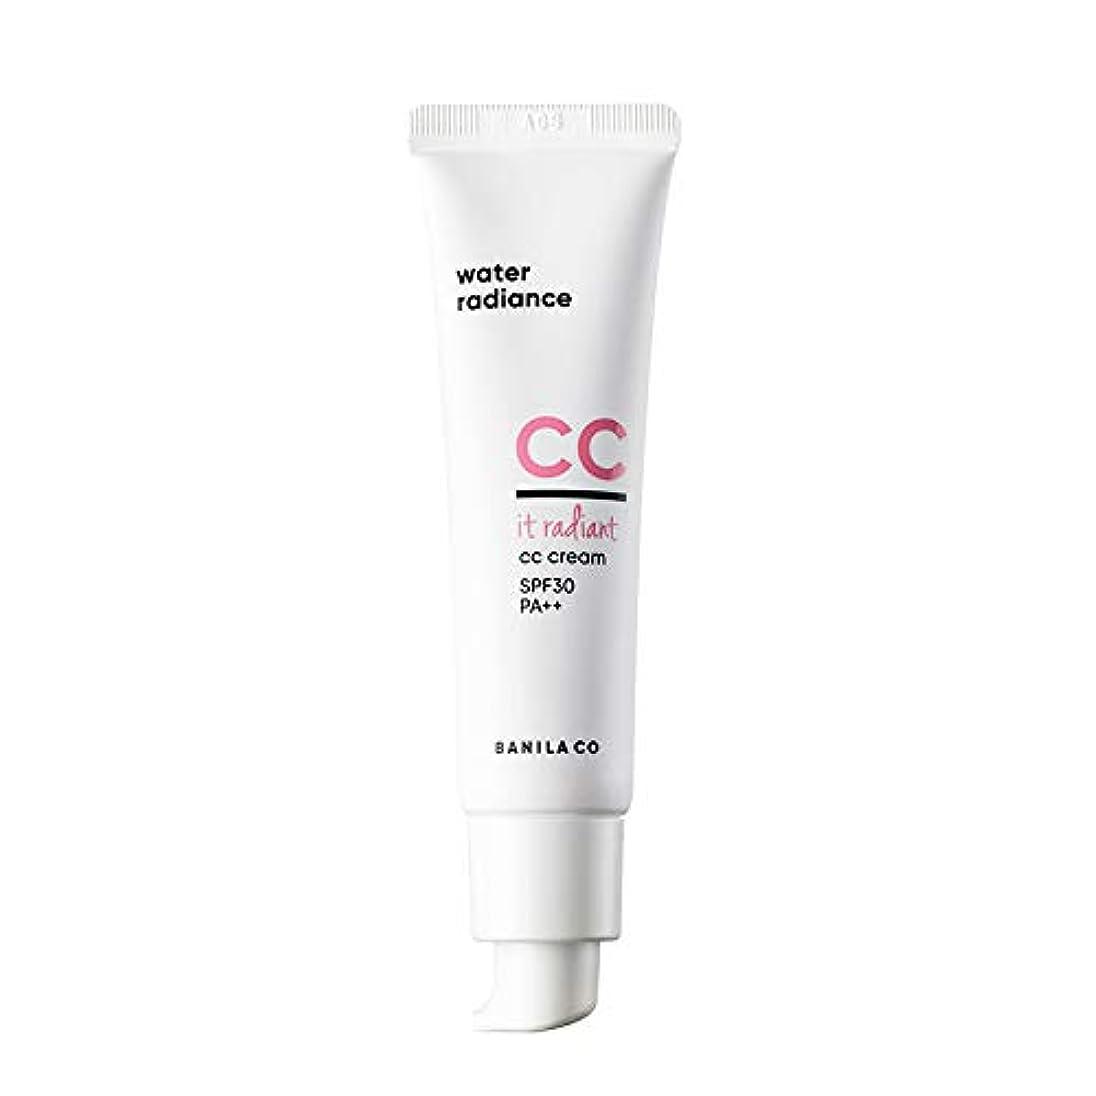 改善するパトロン食欲BANILA CO(バニラコ) イットレディアント ccクリーム It Radiant CC Cream